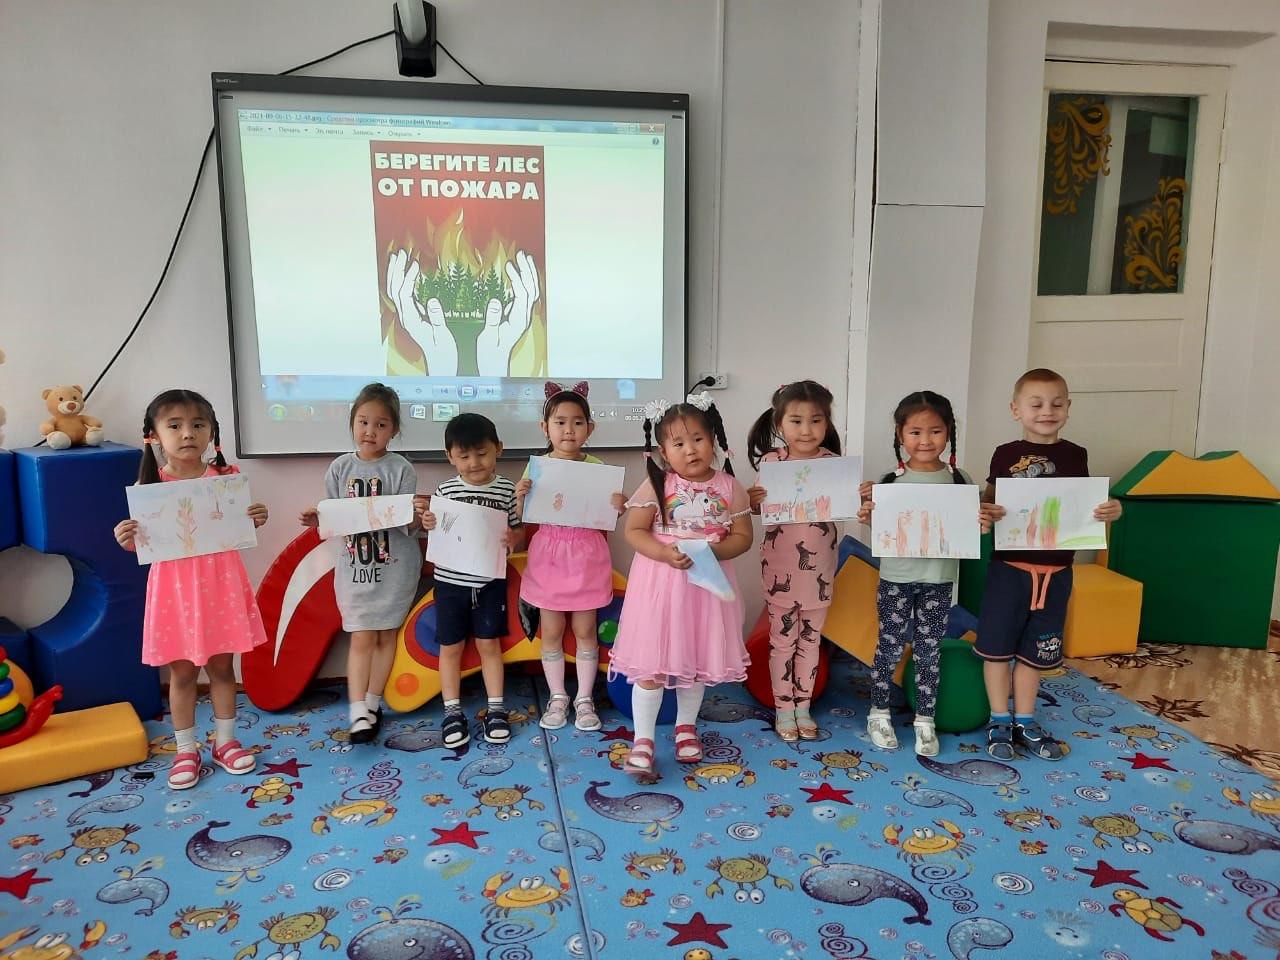 С 6 по 9 сентября дошкольные образовательные организации Усть-Янского улуса (района) приняли активное участие в Республиканской акции «БитваЗаТайгу»